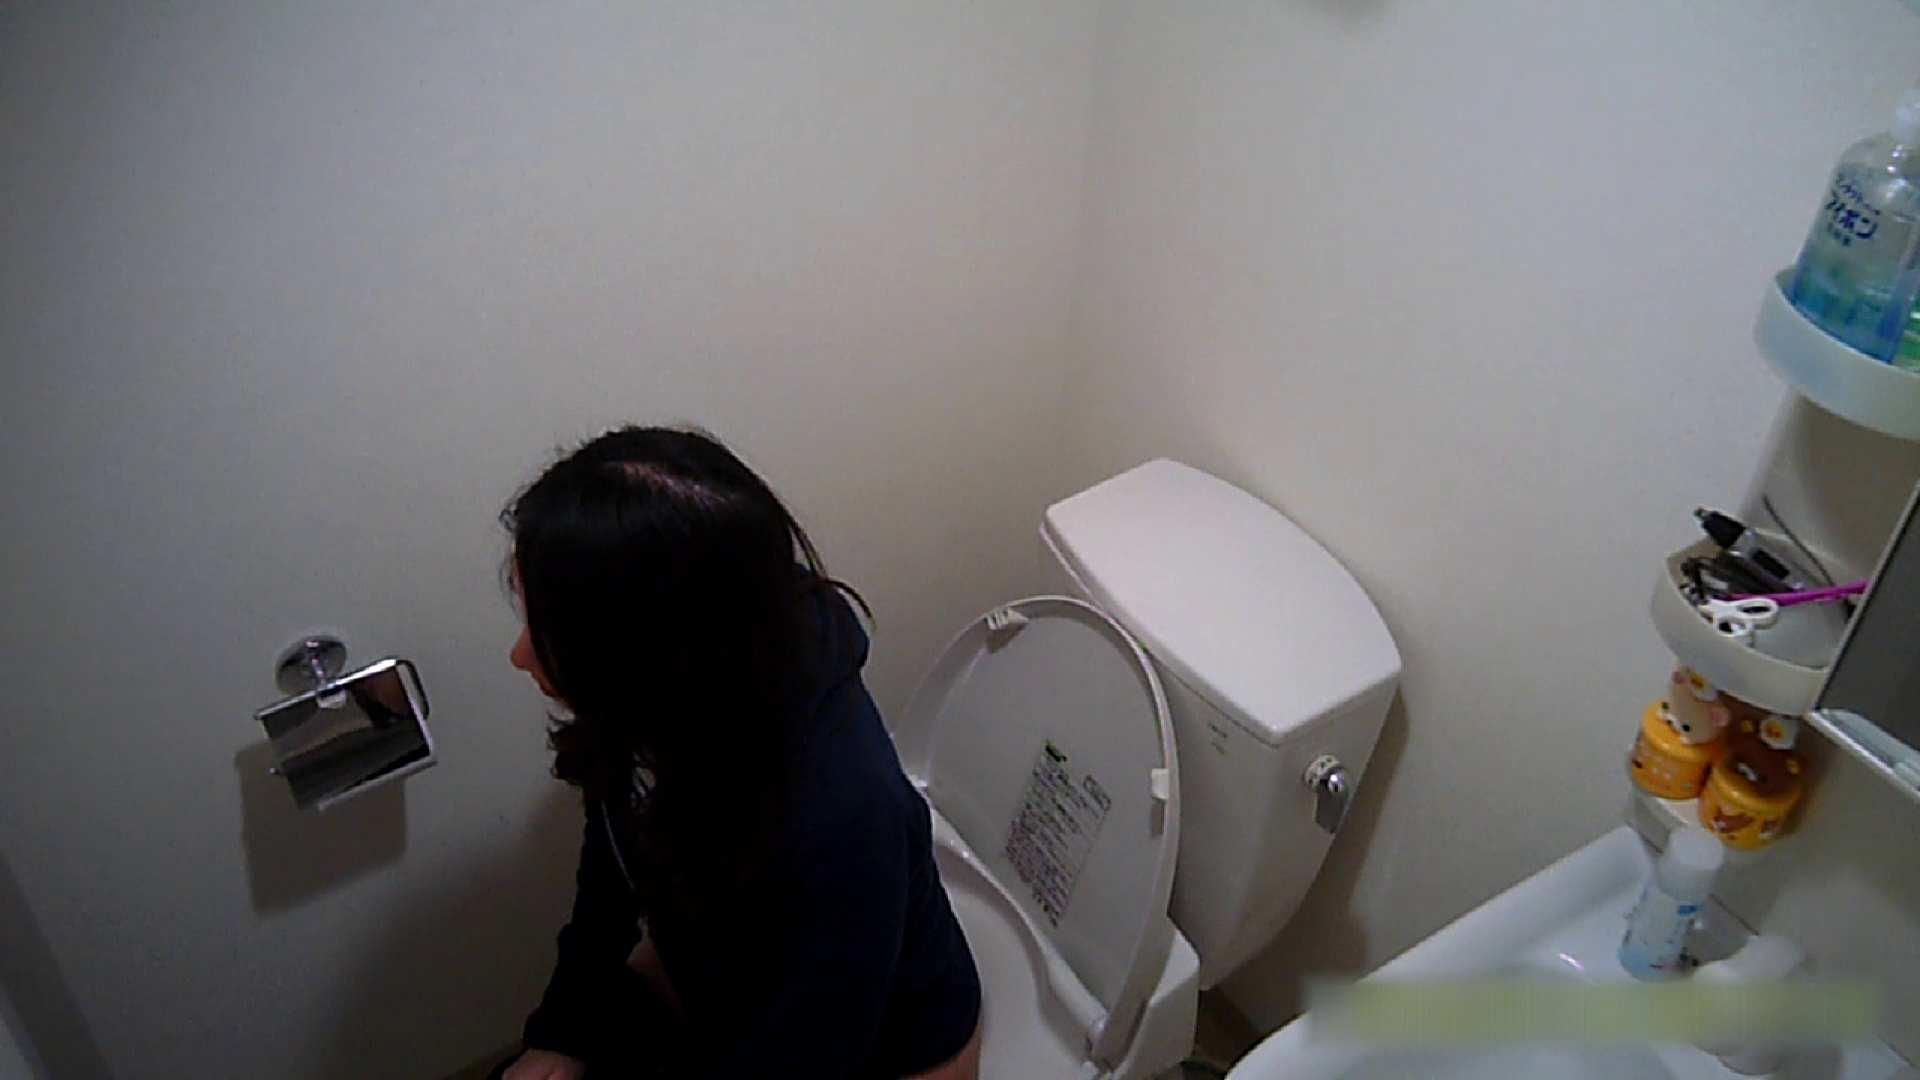 清楚な顔してかなり敏感なE子25歳(仮名)Vol.04 トイレ編 洗面所  62画像 44